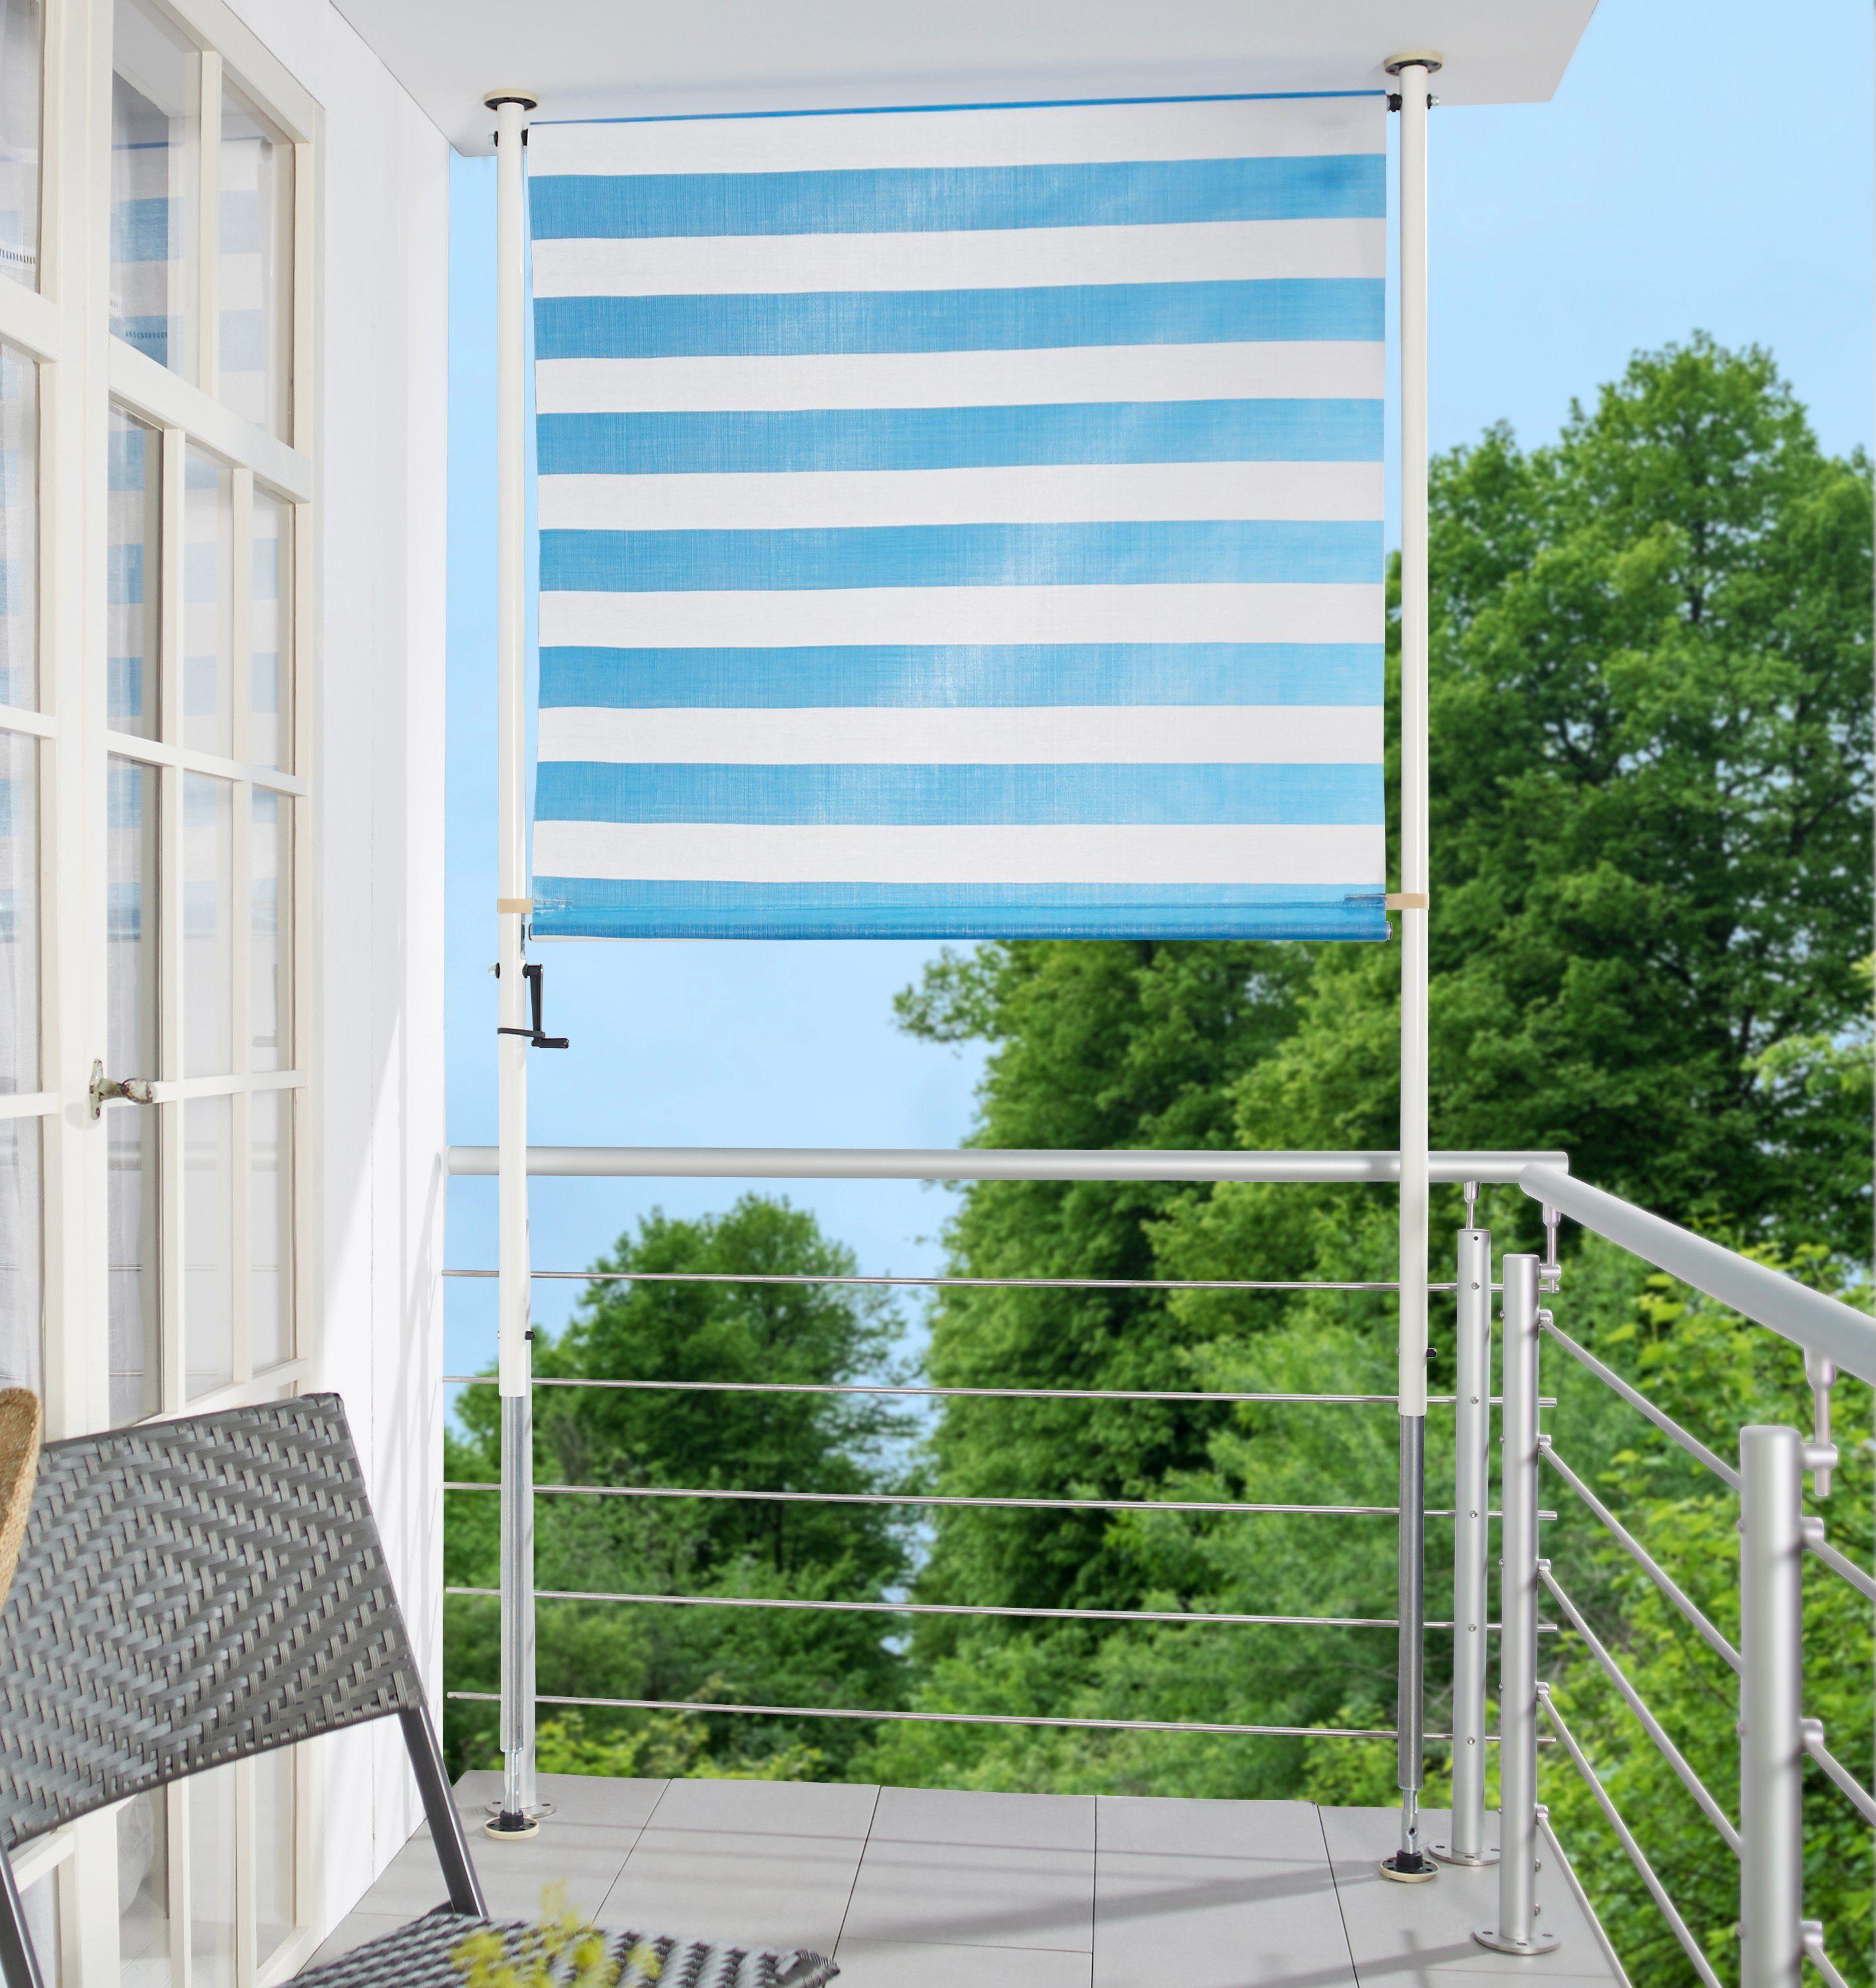 ANGERER FREIZEITMÖBEL Balkonsichtschutz »Blockstreifen«, blau/weiß, in 2 Breiten